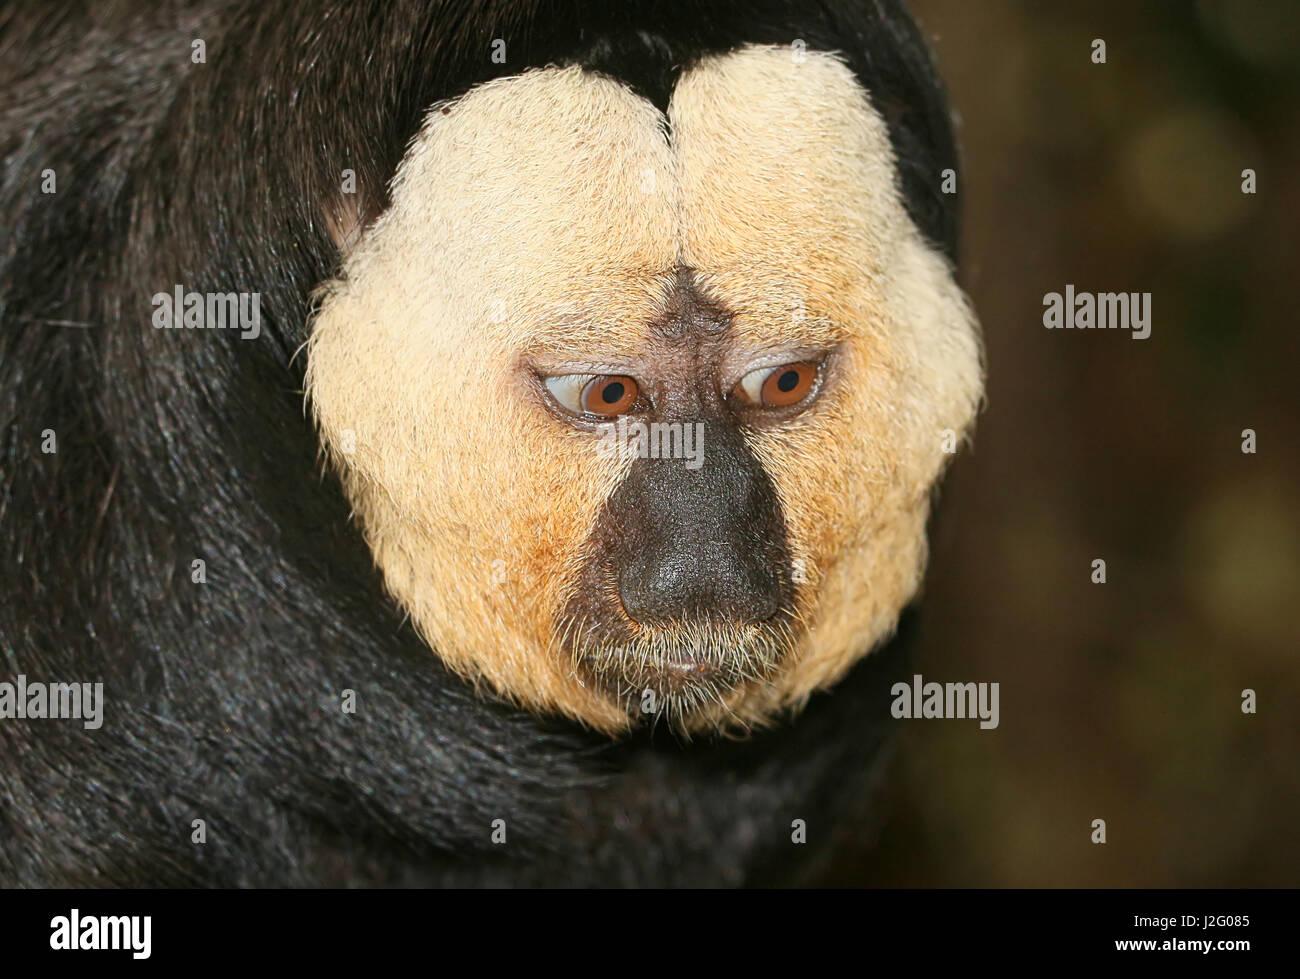 Mature Male South American white faced saki monkey (Pithecia pithecia) - Stock Image